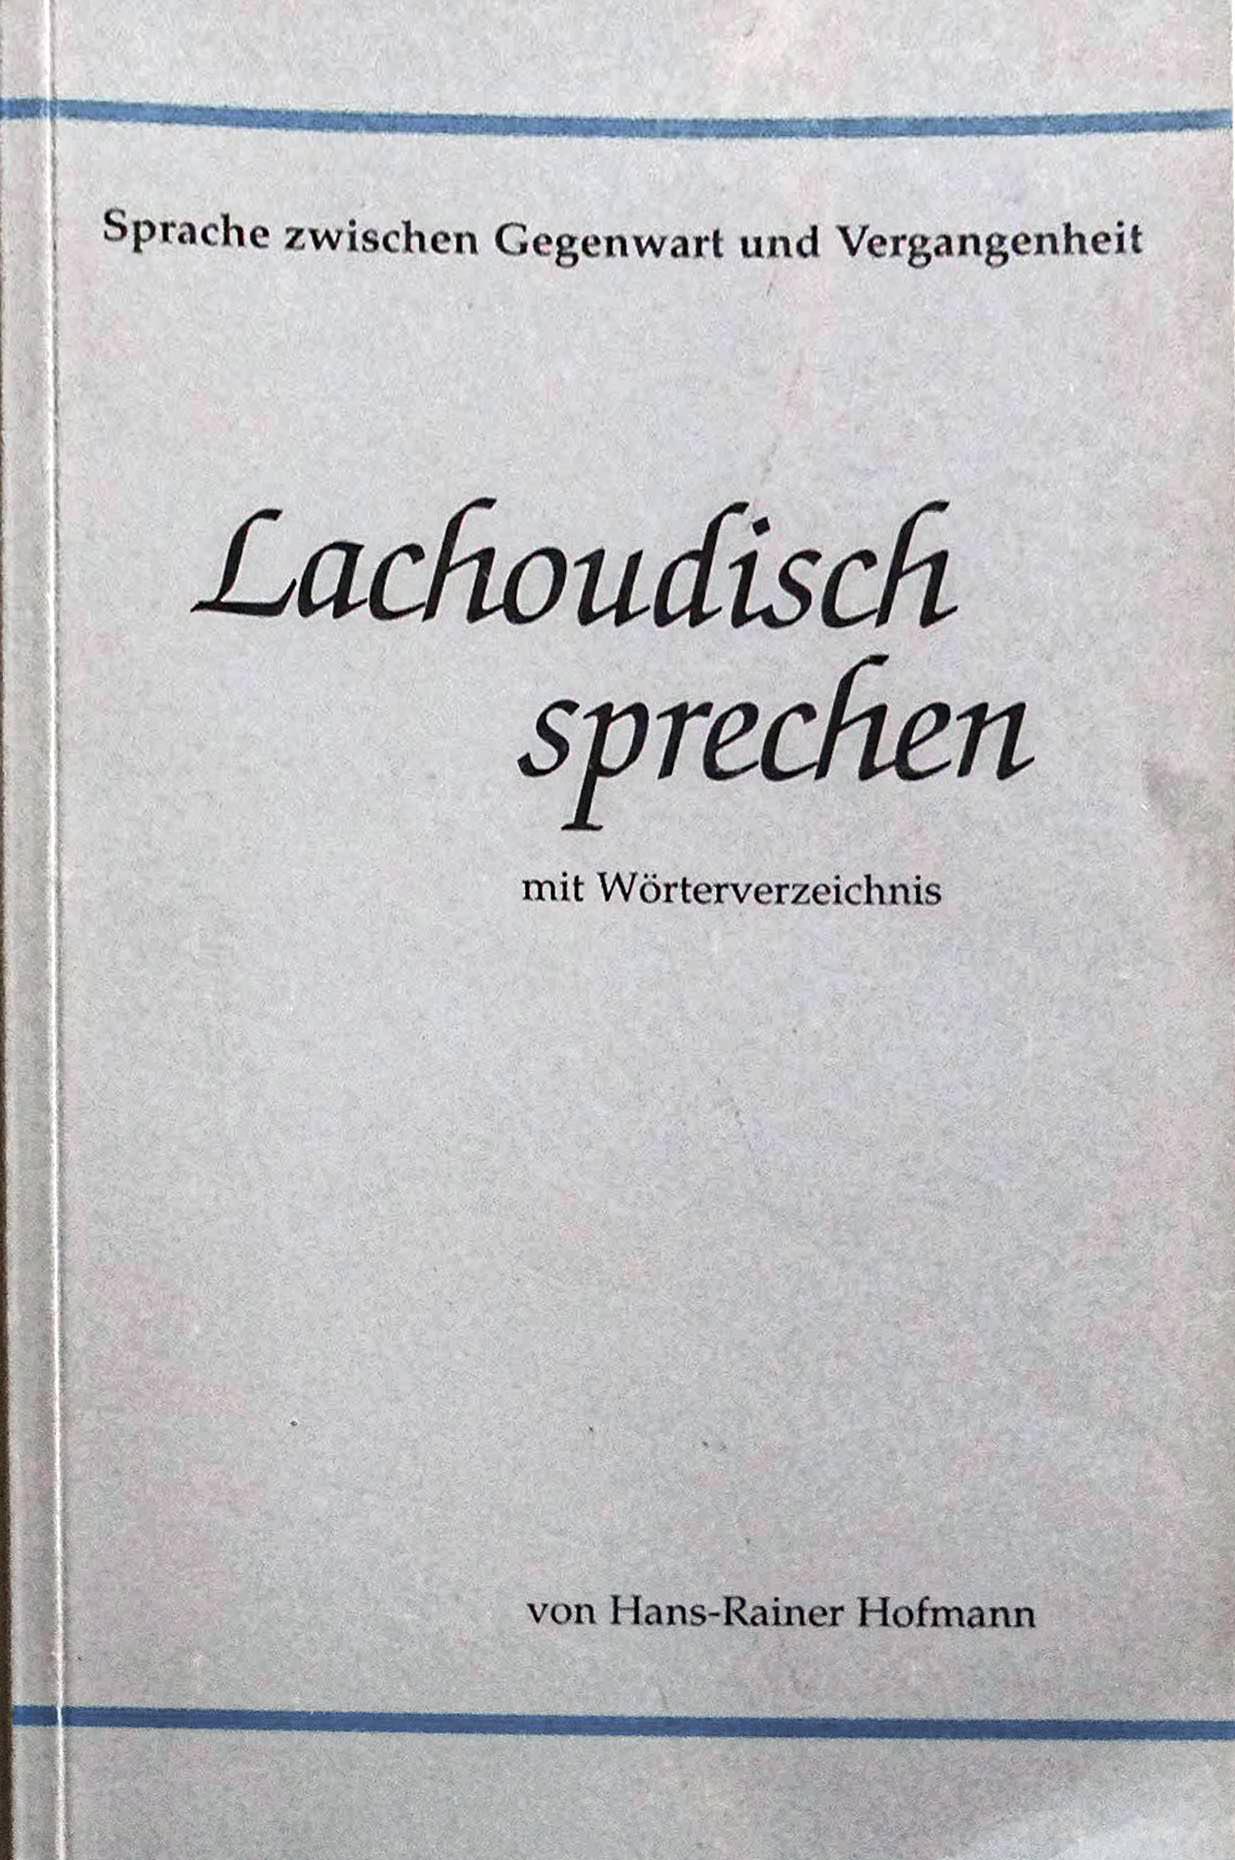 Hofmann Hans-Rainer - Lachoudisch sprechen